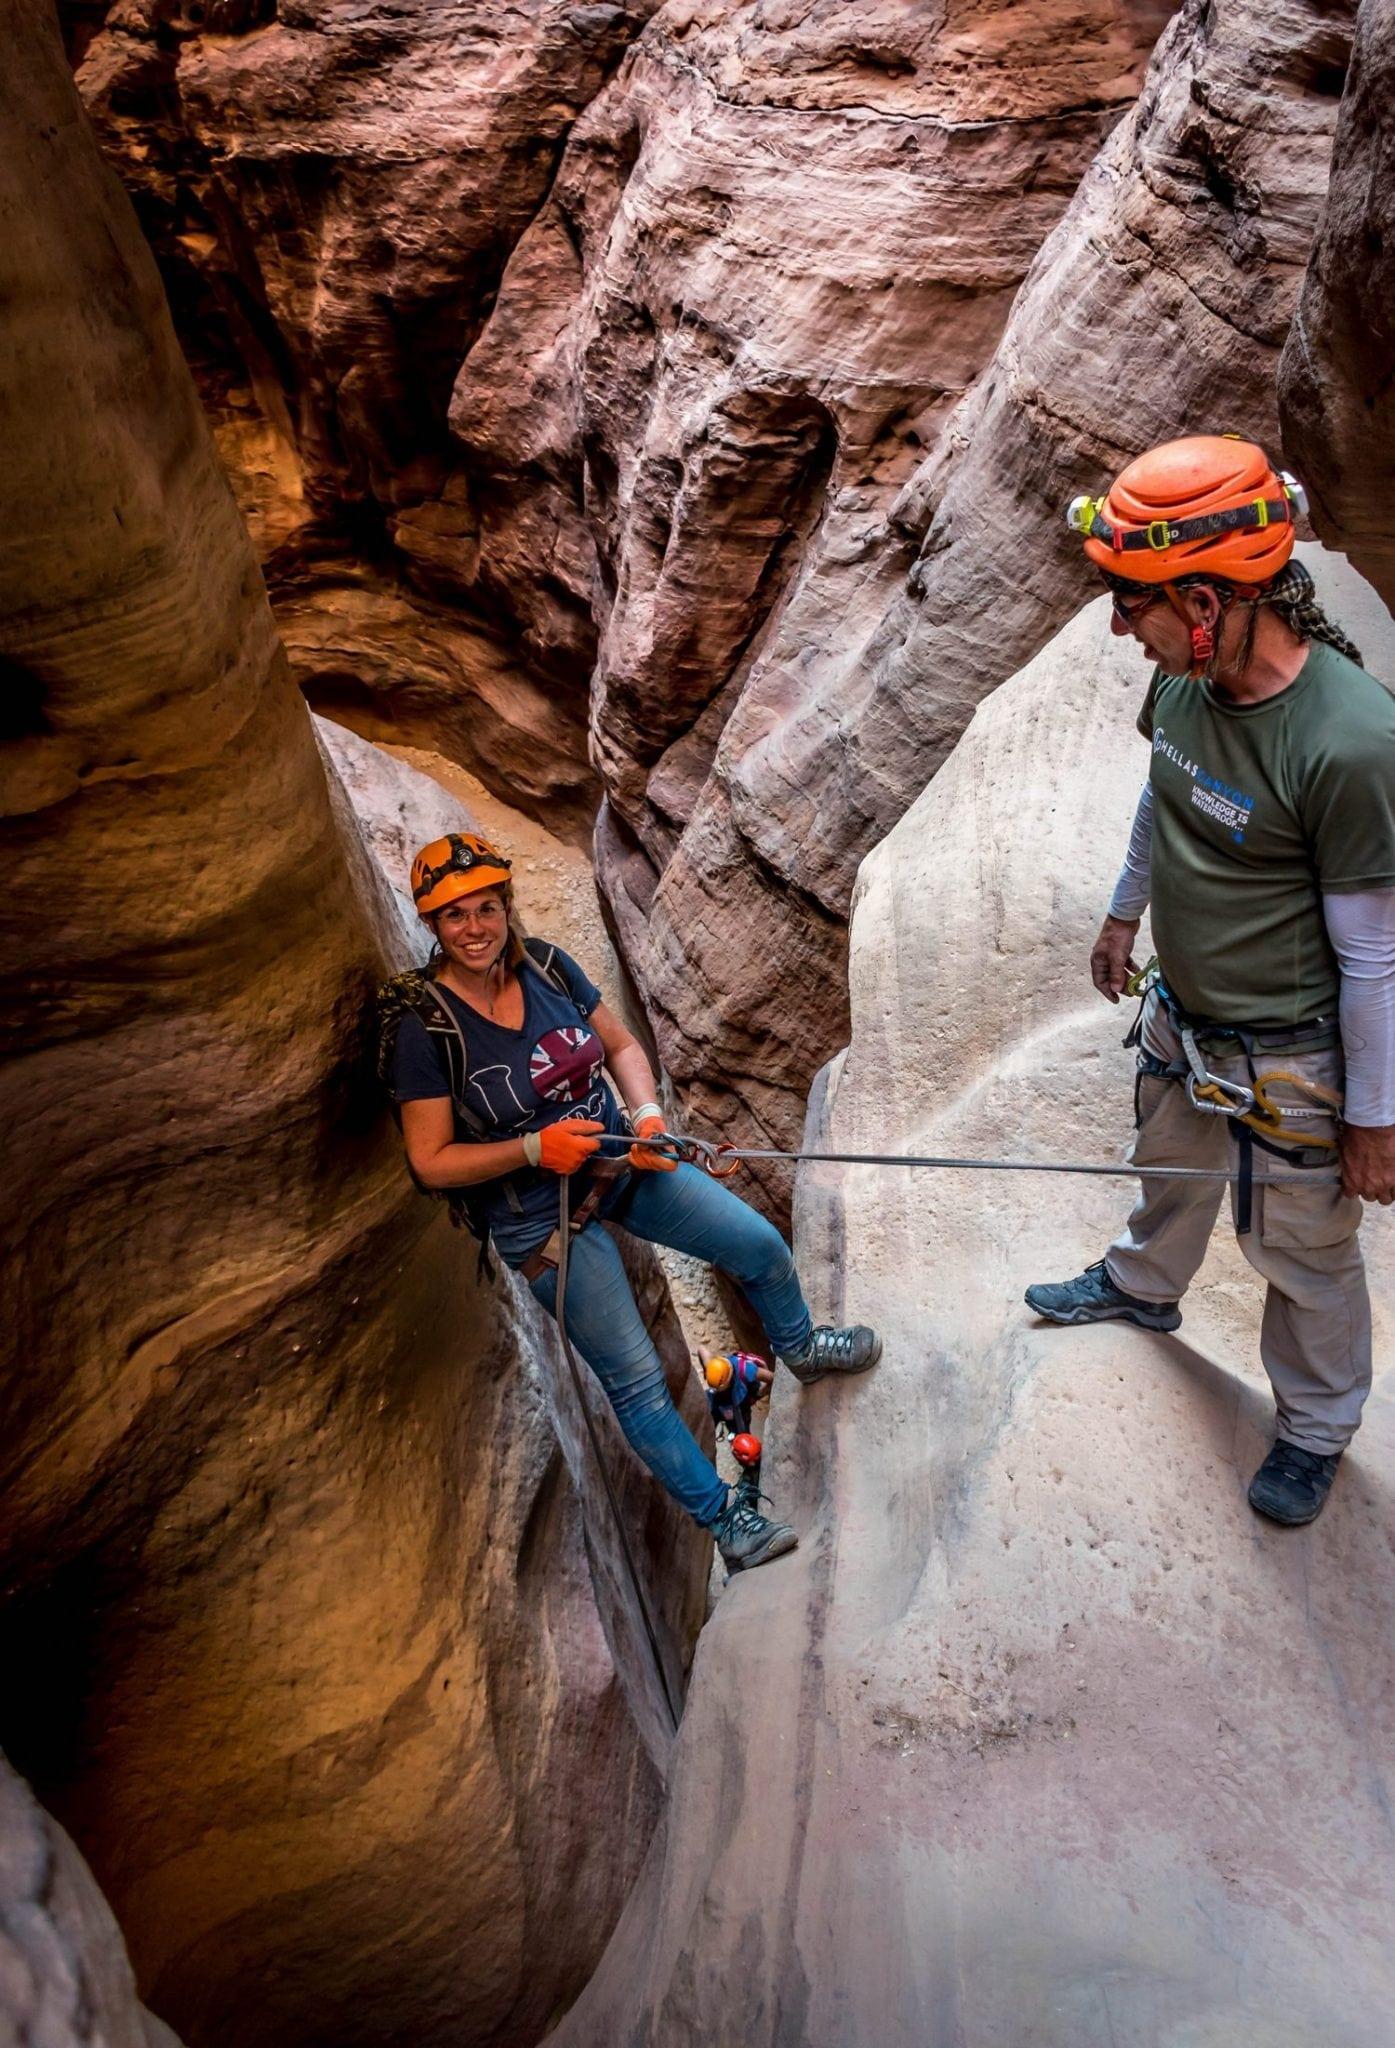 טיול סנפלינג בירדן - קניוני ראג'ף - בהדרכת ערוצים בטבע